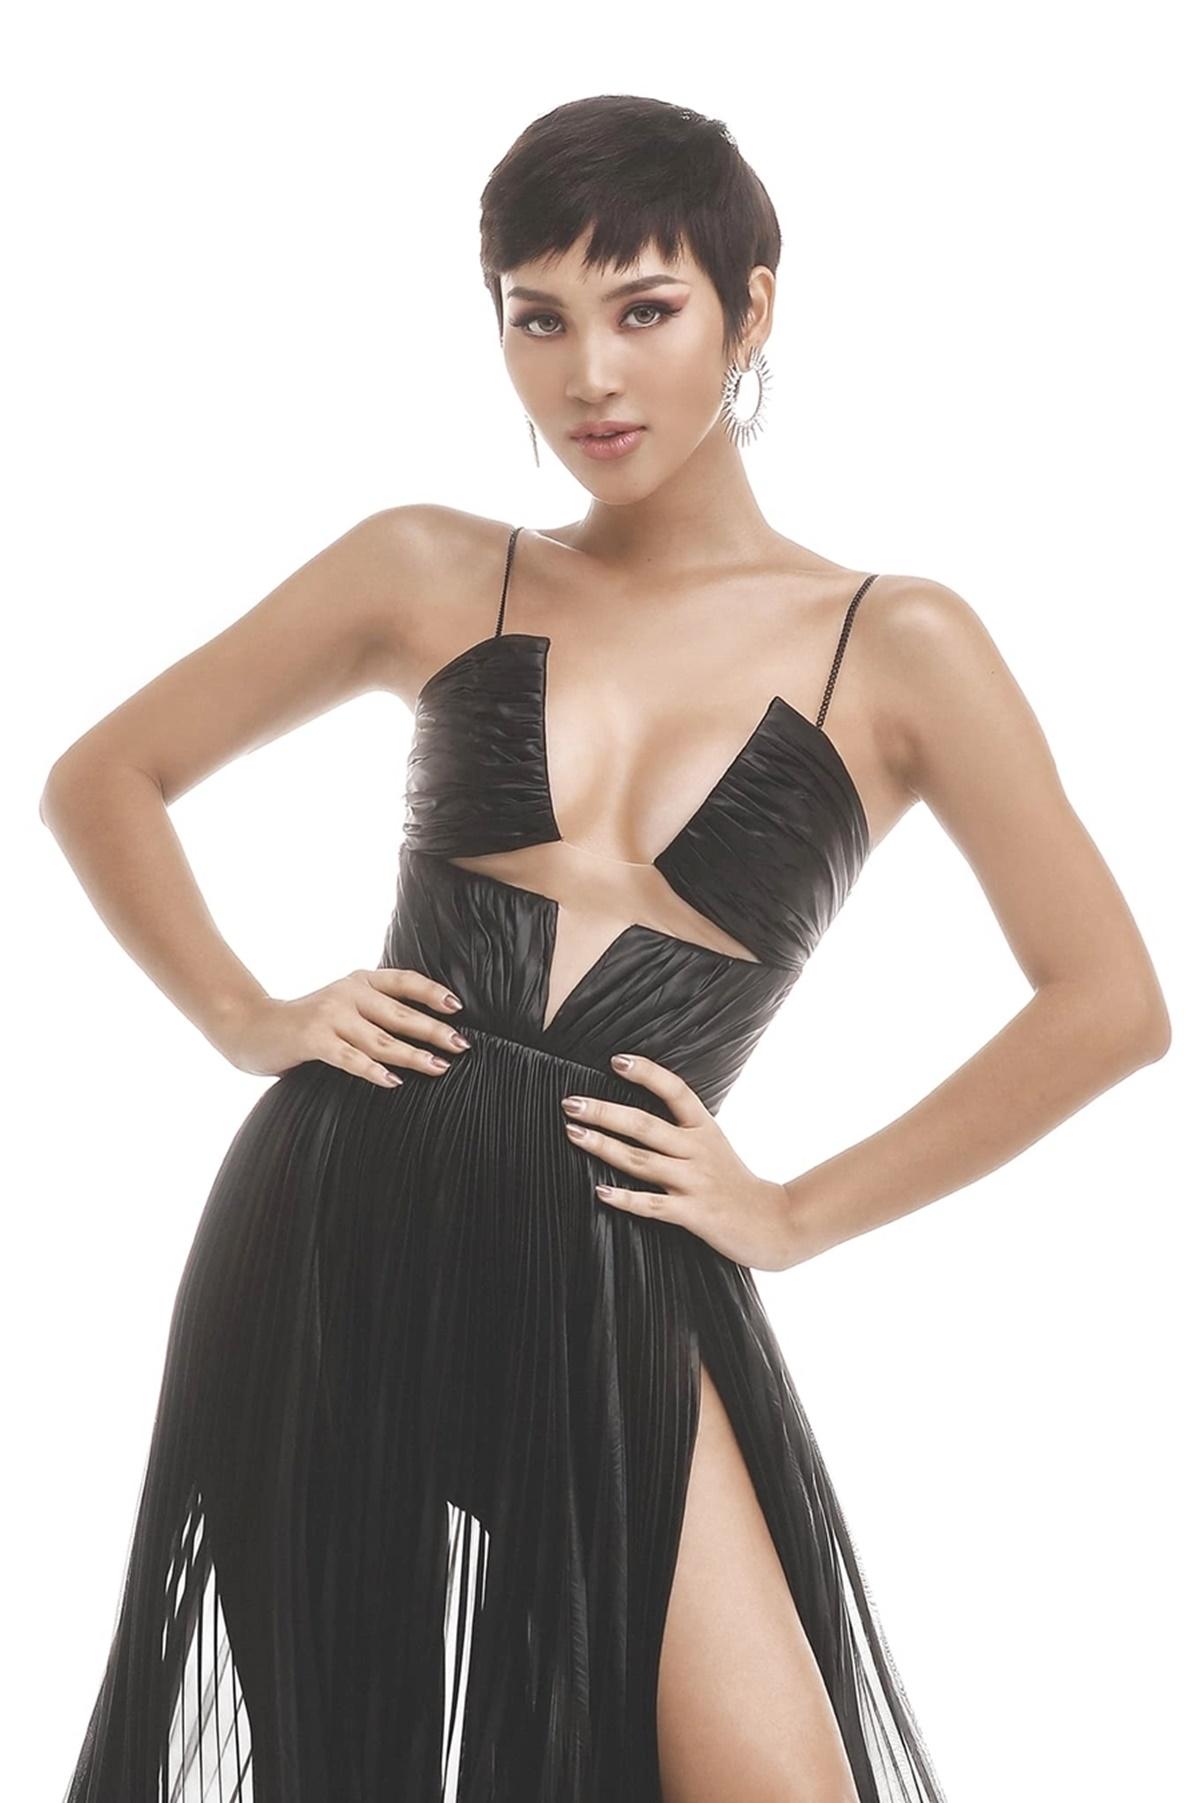 Cadie Huỳnh Anh từ đầu chương trình được ban giám khảo đánh giá nằm trong top thí sinh nổi trội nhờ lợi thế ngoại hình và tài năng. Cô sinh năm 1994, quê Đà Nẵng. Cadie cao 1,74 m, nặng 52 kg, số đo 84-60-90 cm.